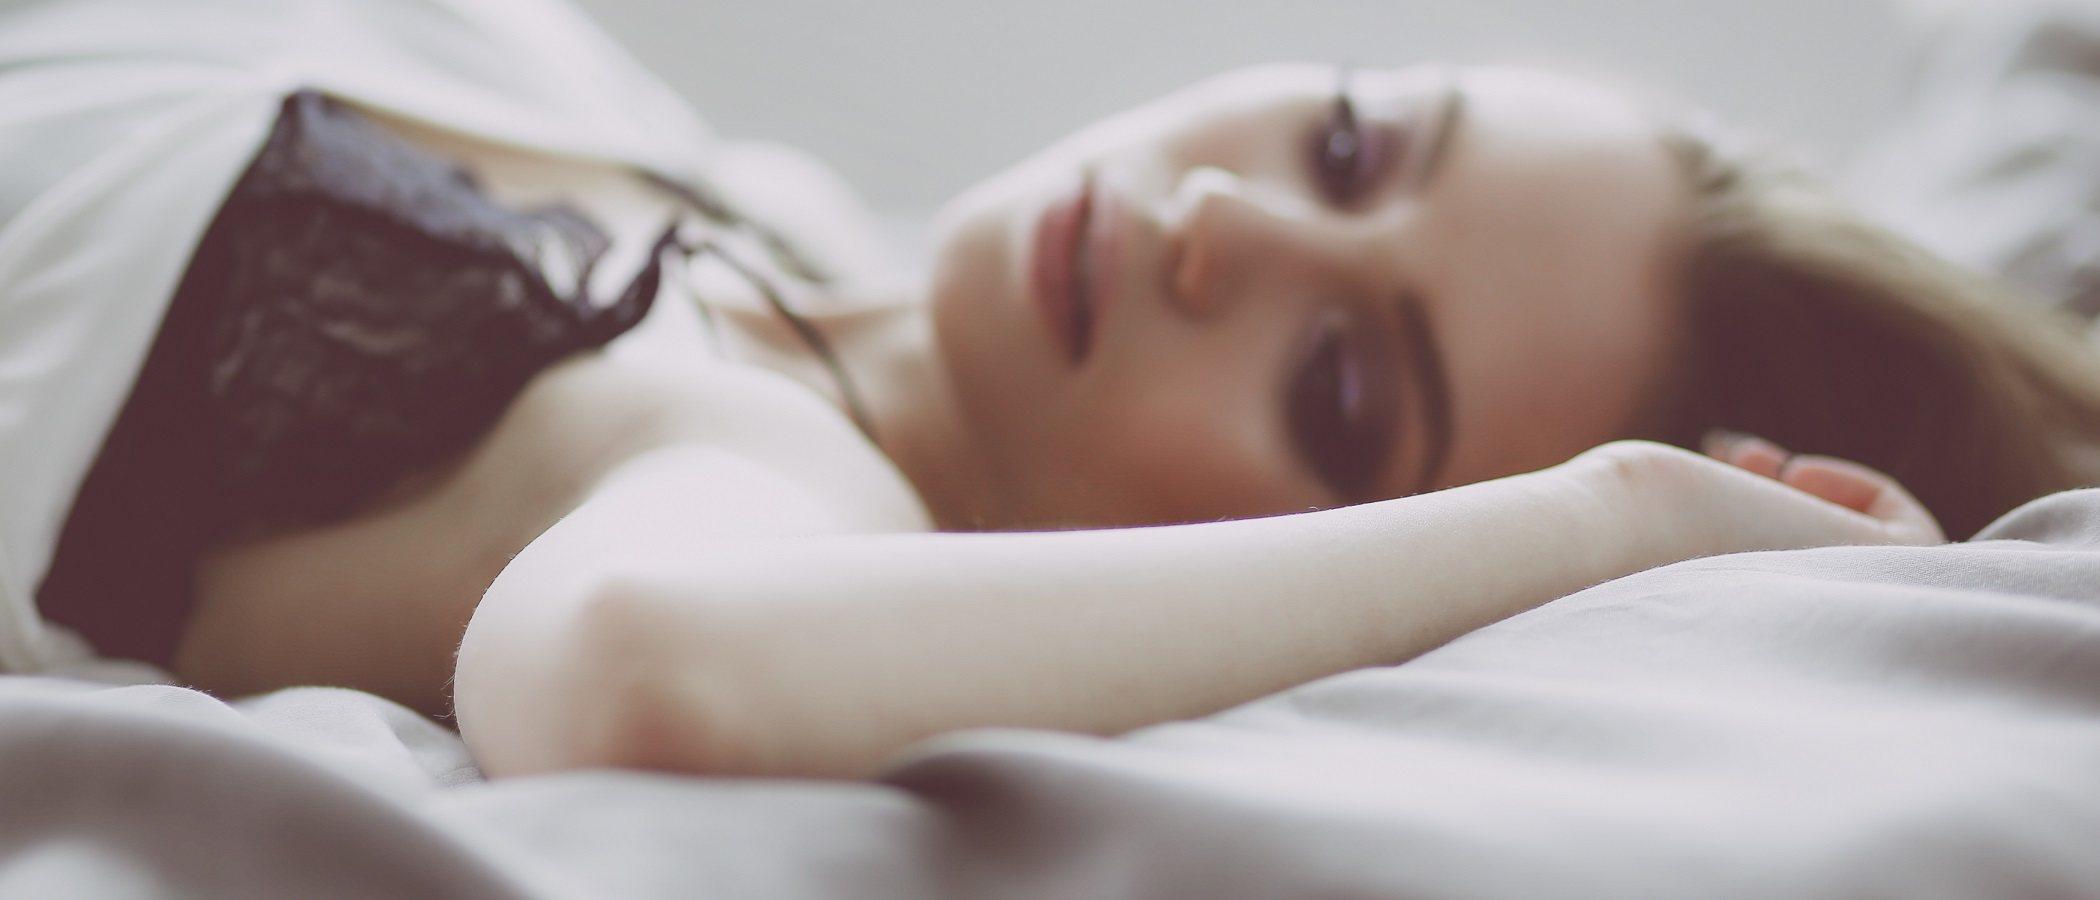 El orgasmo femenino, ¿aumenta las probabilidades de quedar embarazada?